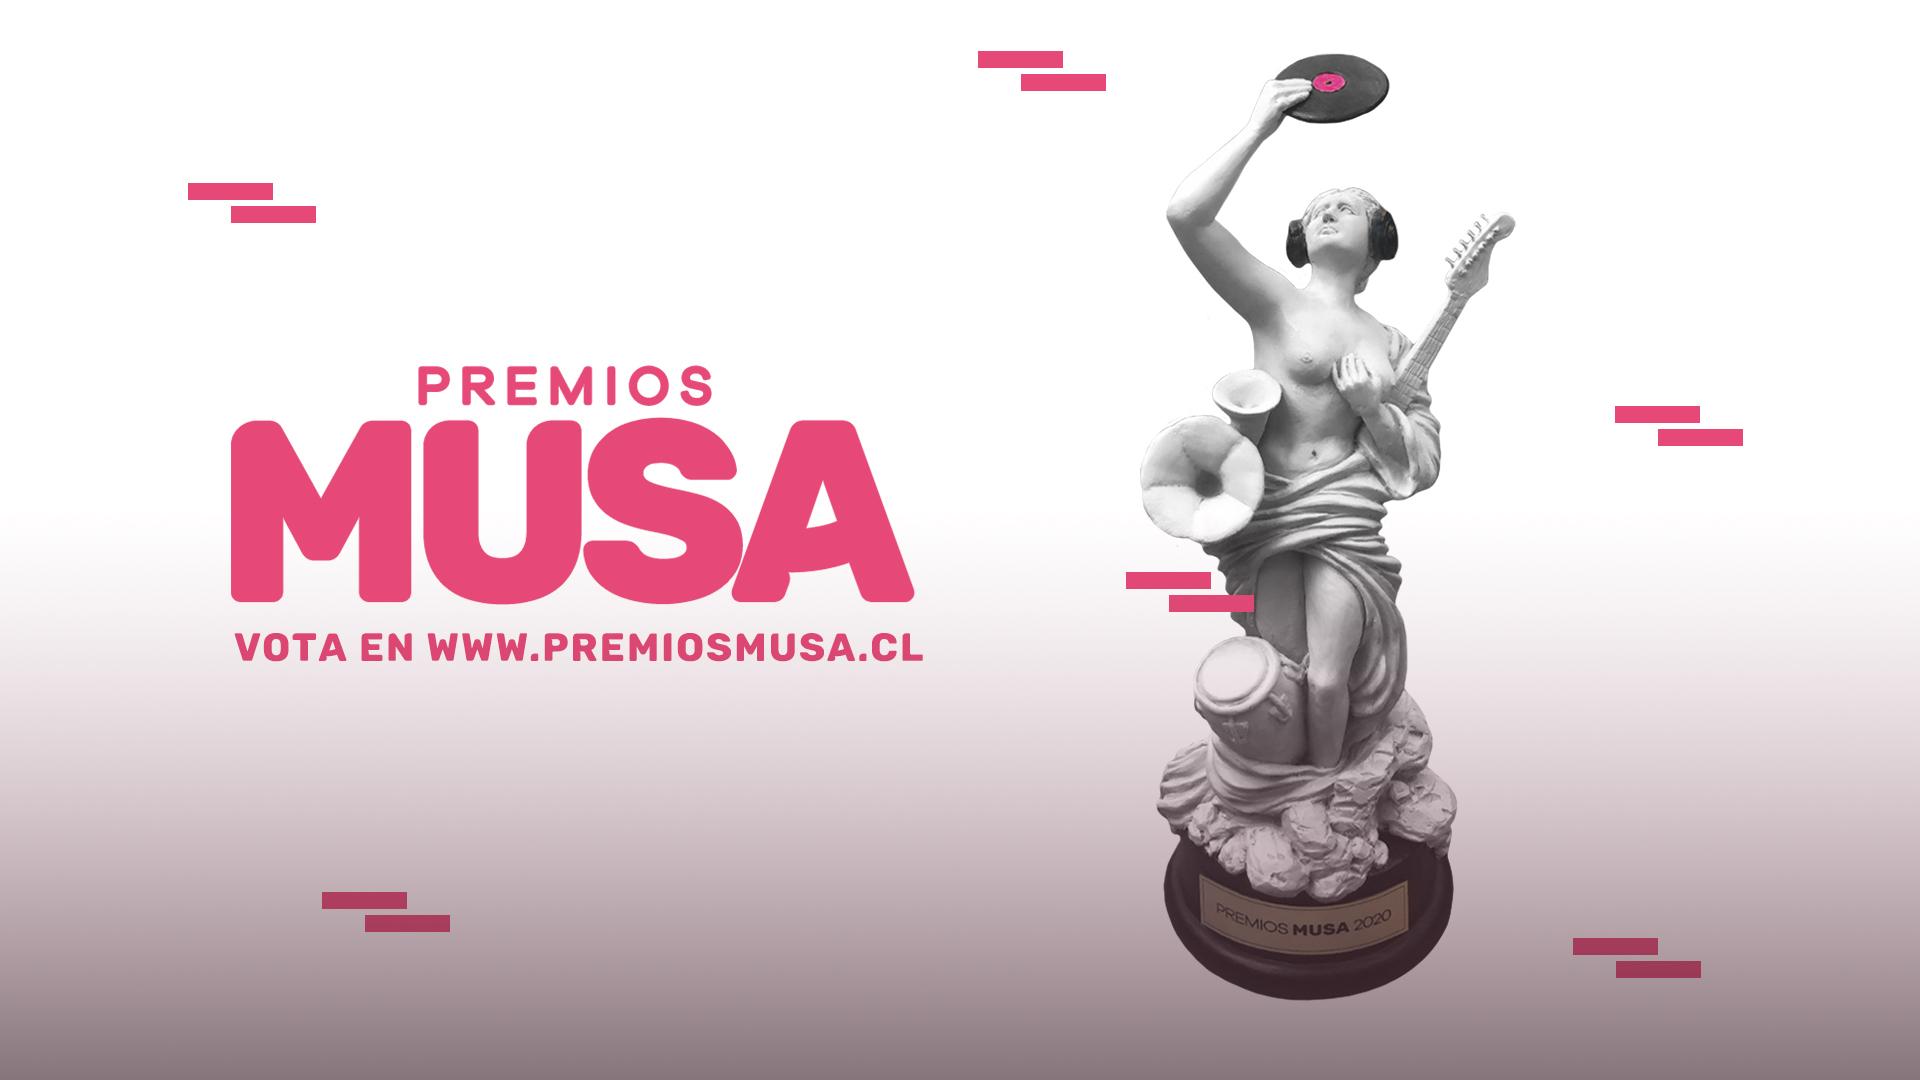 Premios MUSA Norton Maza